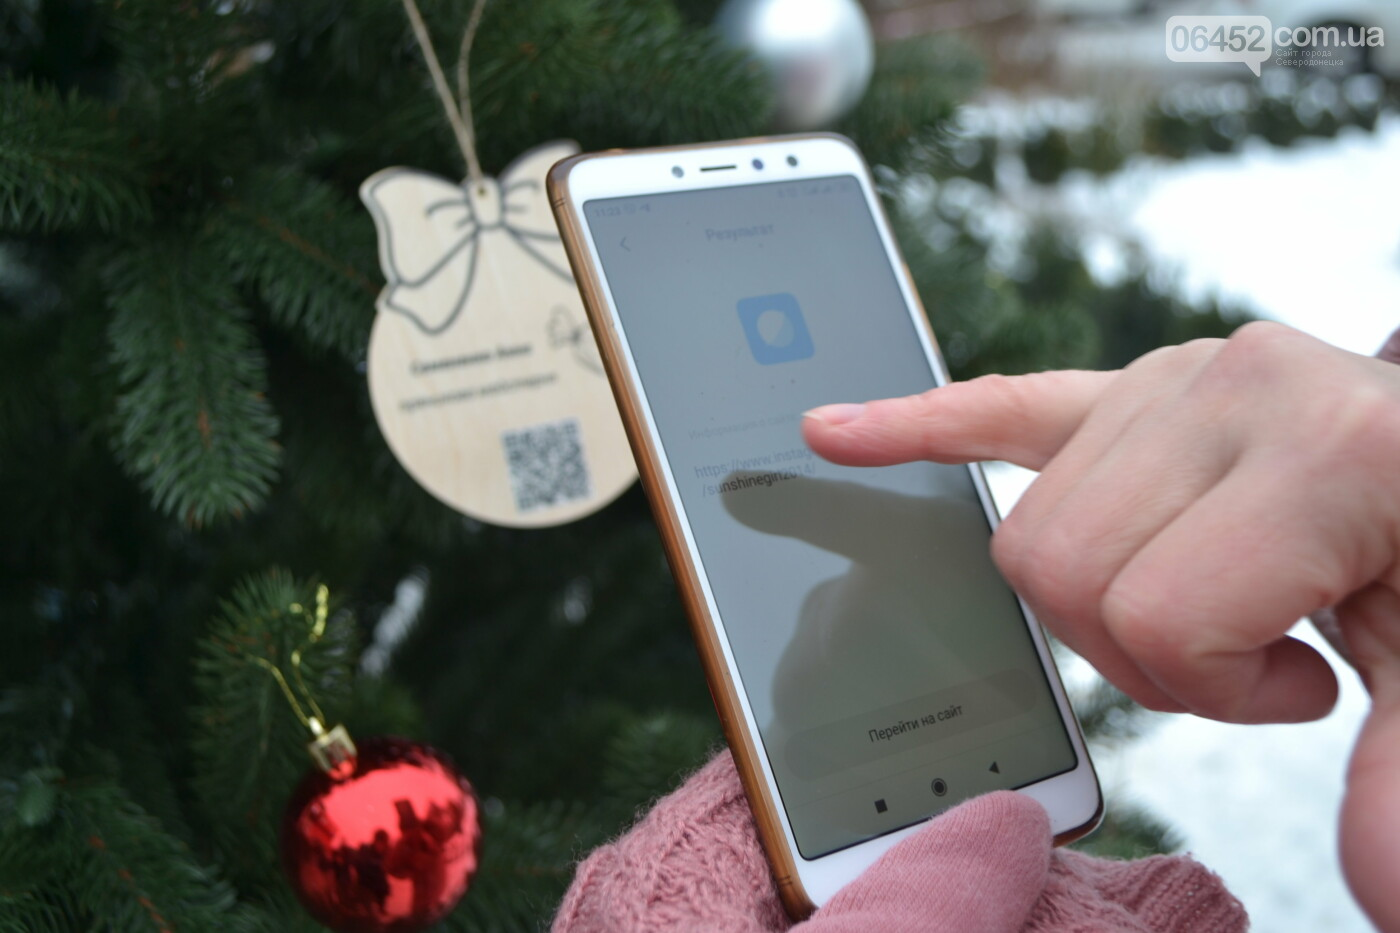 В Северодонецке прошла новогодняя онлайн ярмарка (фото, видео) , фото-5